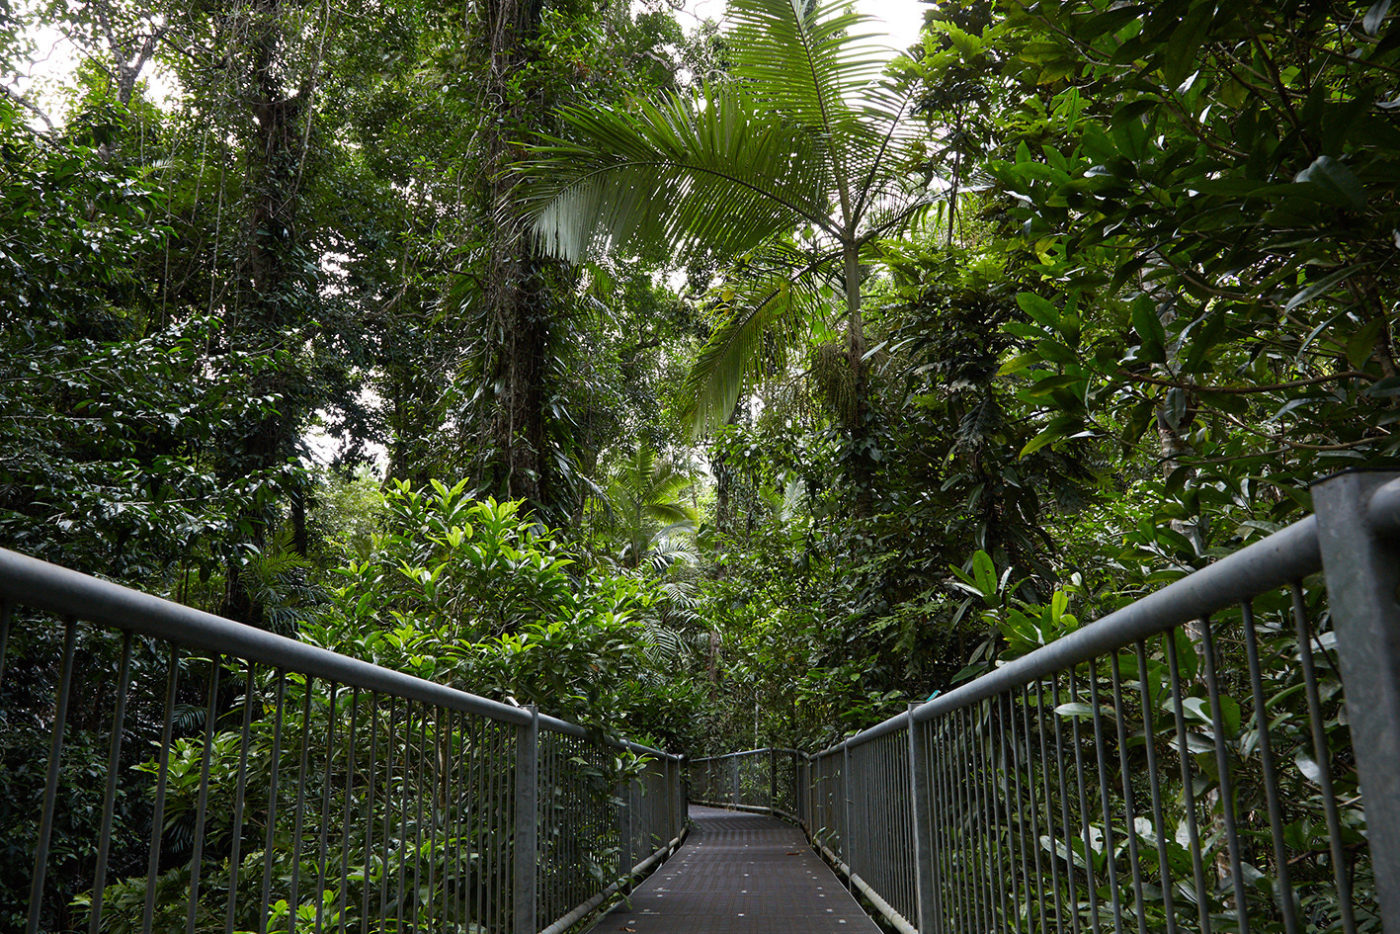 daintree, regenwald, rainforest, reiseblog, roadtrip, australien, milesandshores, forestwalk, daintree discovery center